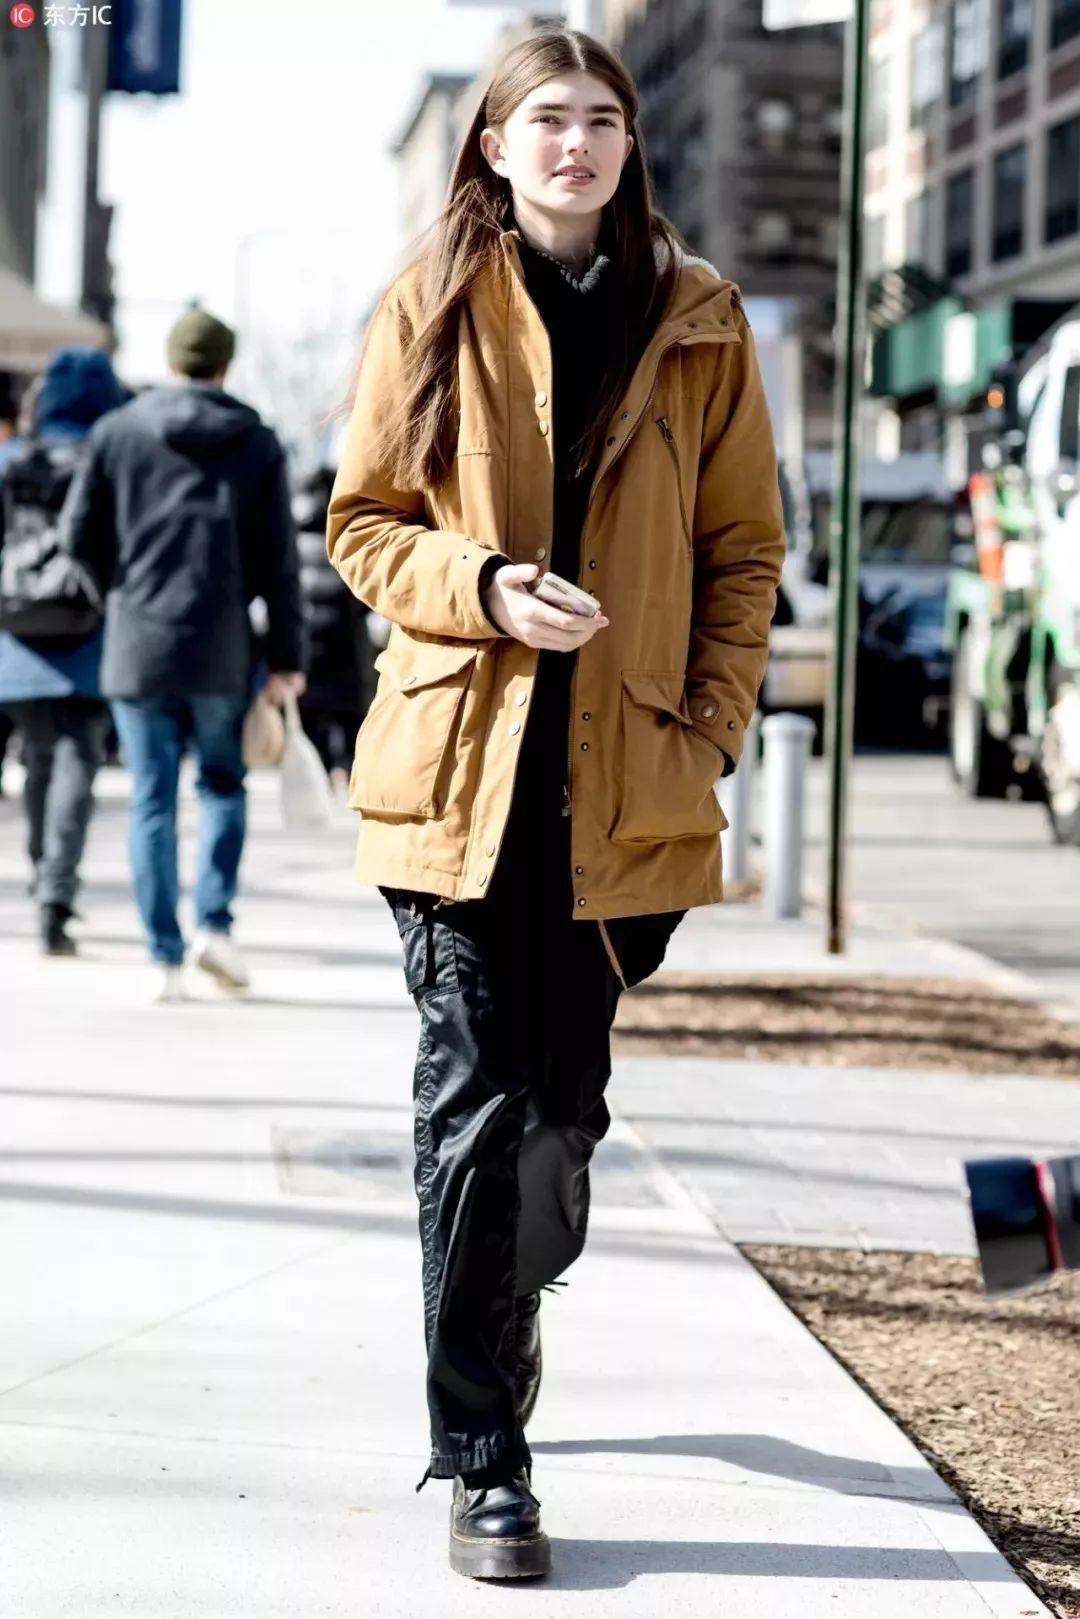 江疏影现身机场,黑色高领针织衫搭配fendi丝绒半裙和过膝靴,外搭廓形